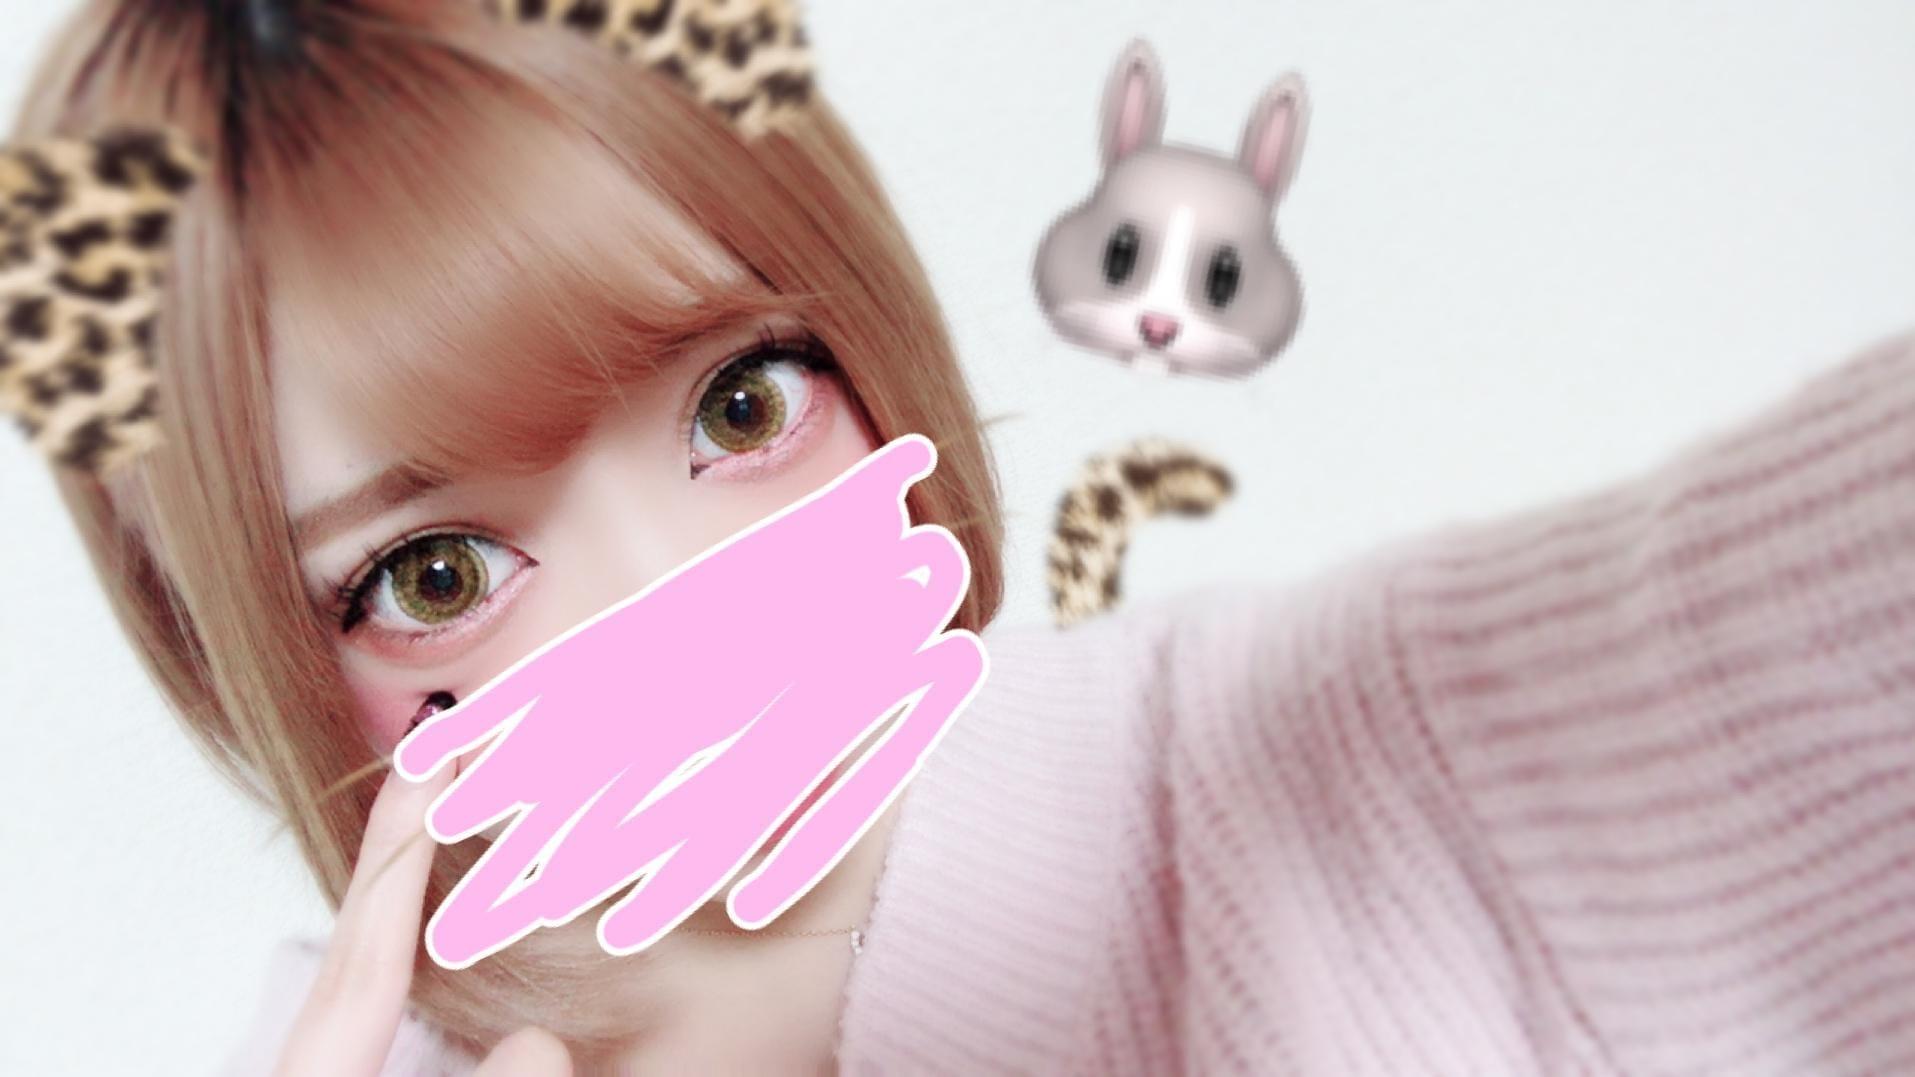 みなみ☆極上スレンダー美少女「残り2日」12/09(日) 20:15 | みなみ☆極上スレンダー美少女の写メ・風俗動画